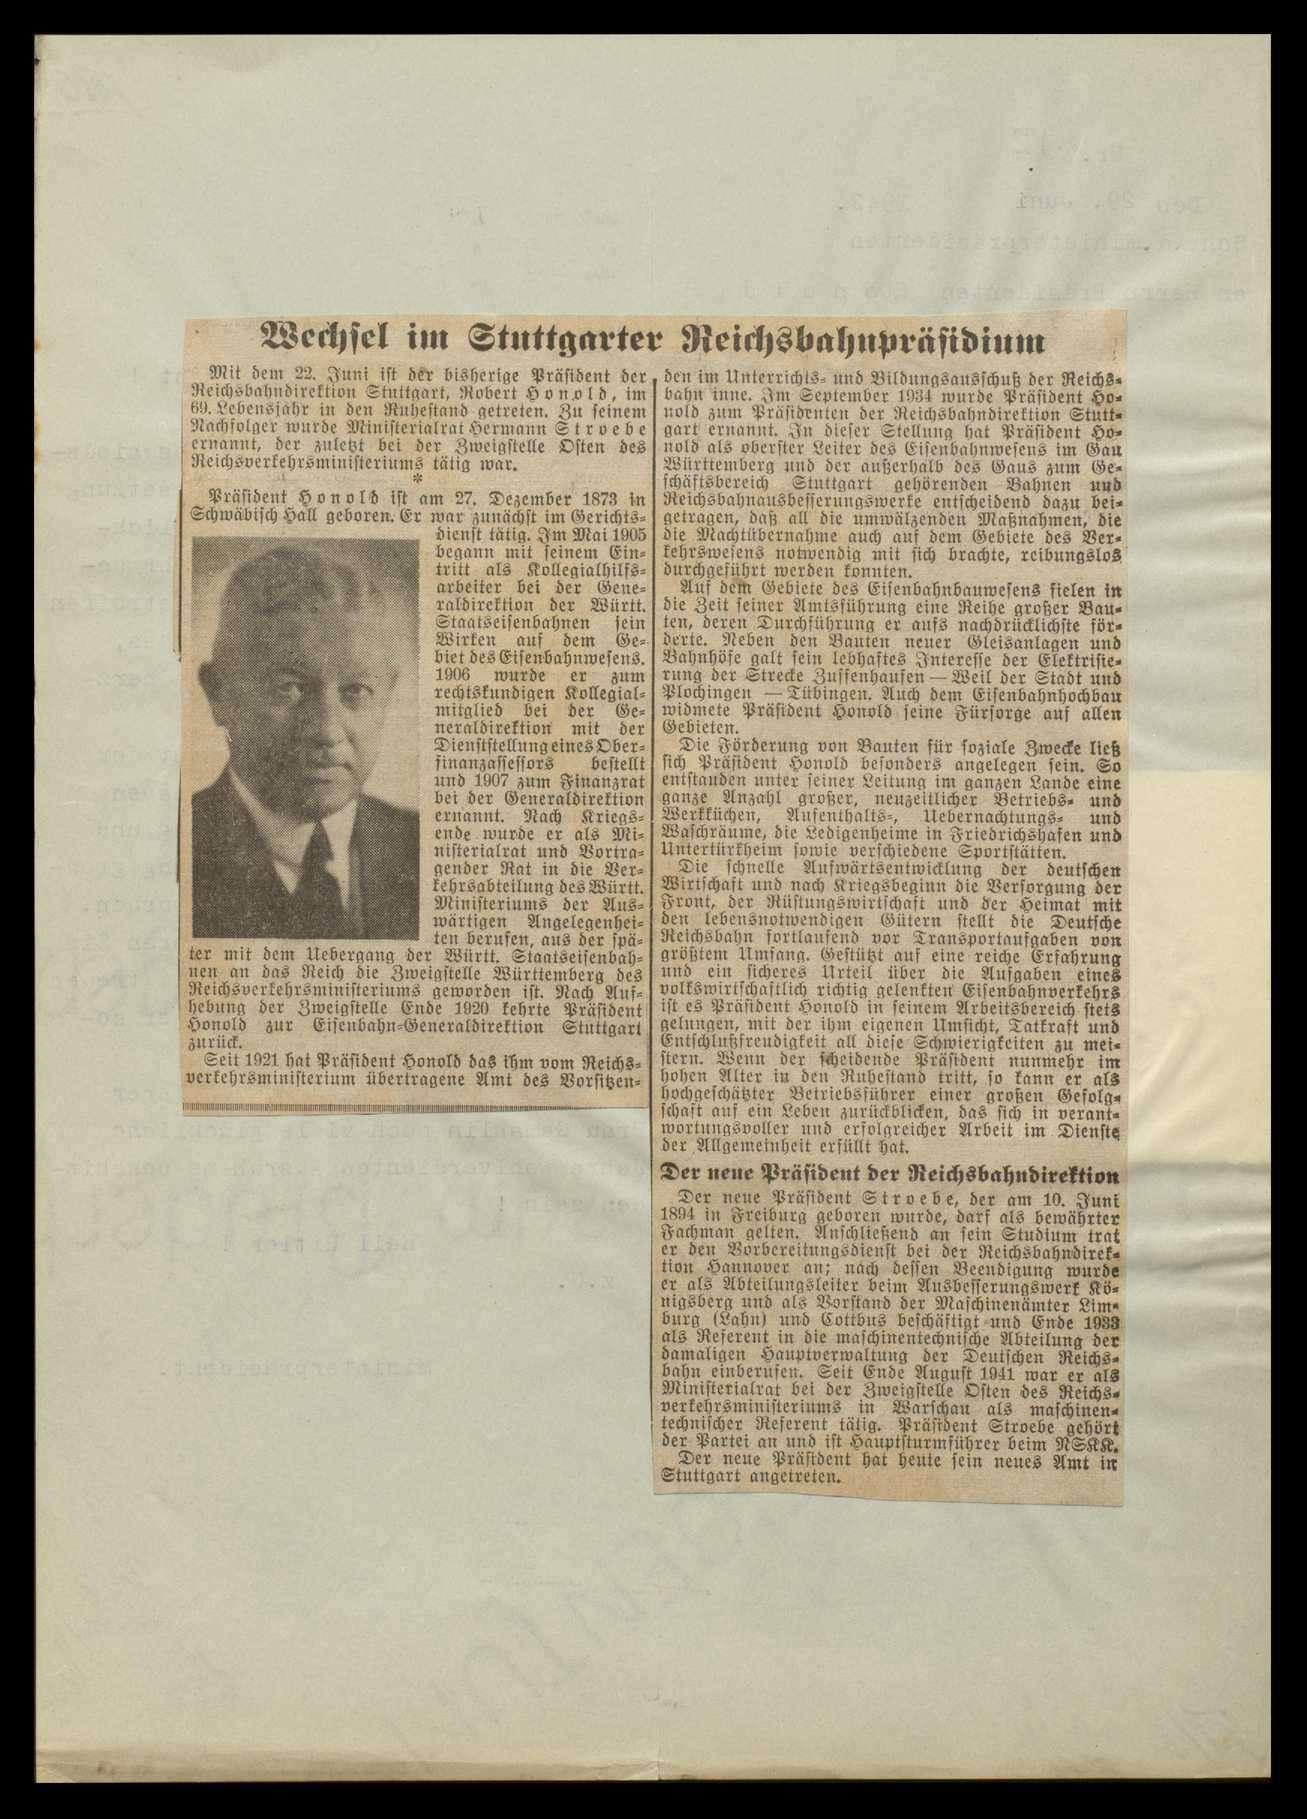 Eisenbahndirektionen und Eisenbahn-Generaldirektionen sowie Reichsbahndirektionen, Bild 3